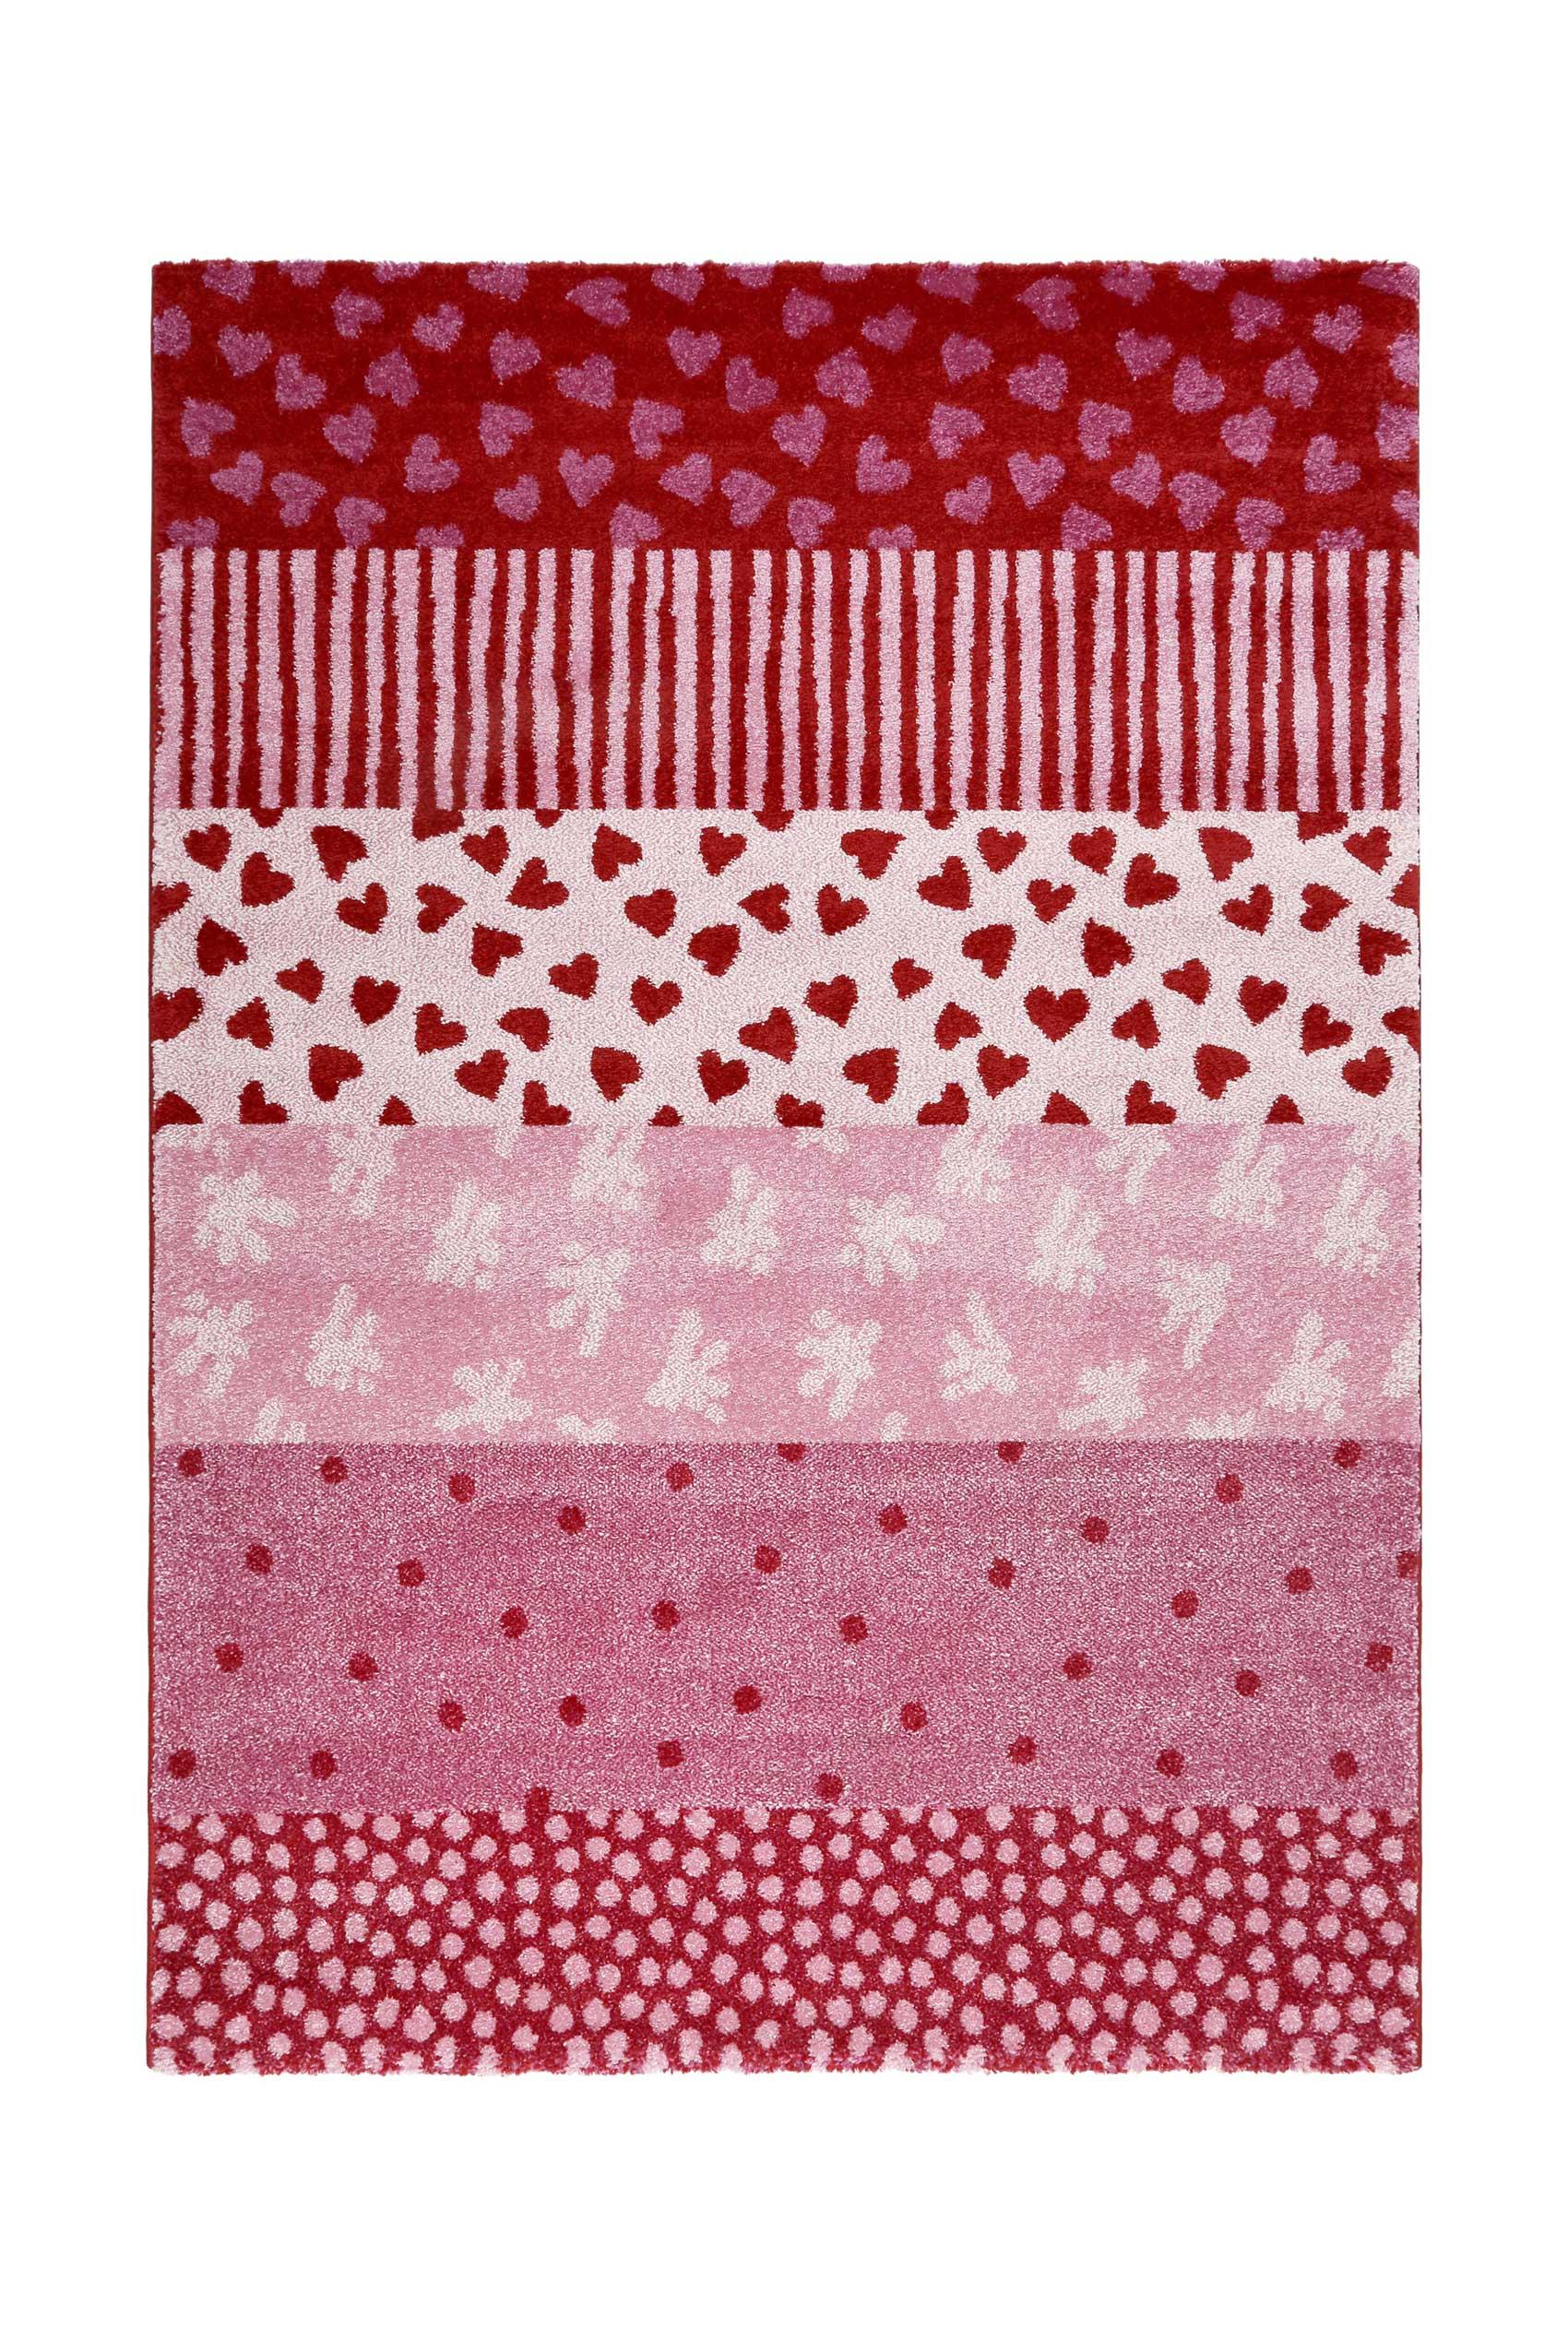 Tapis enfant motifs cœurs et pois alternés rose rouge 160x225